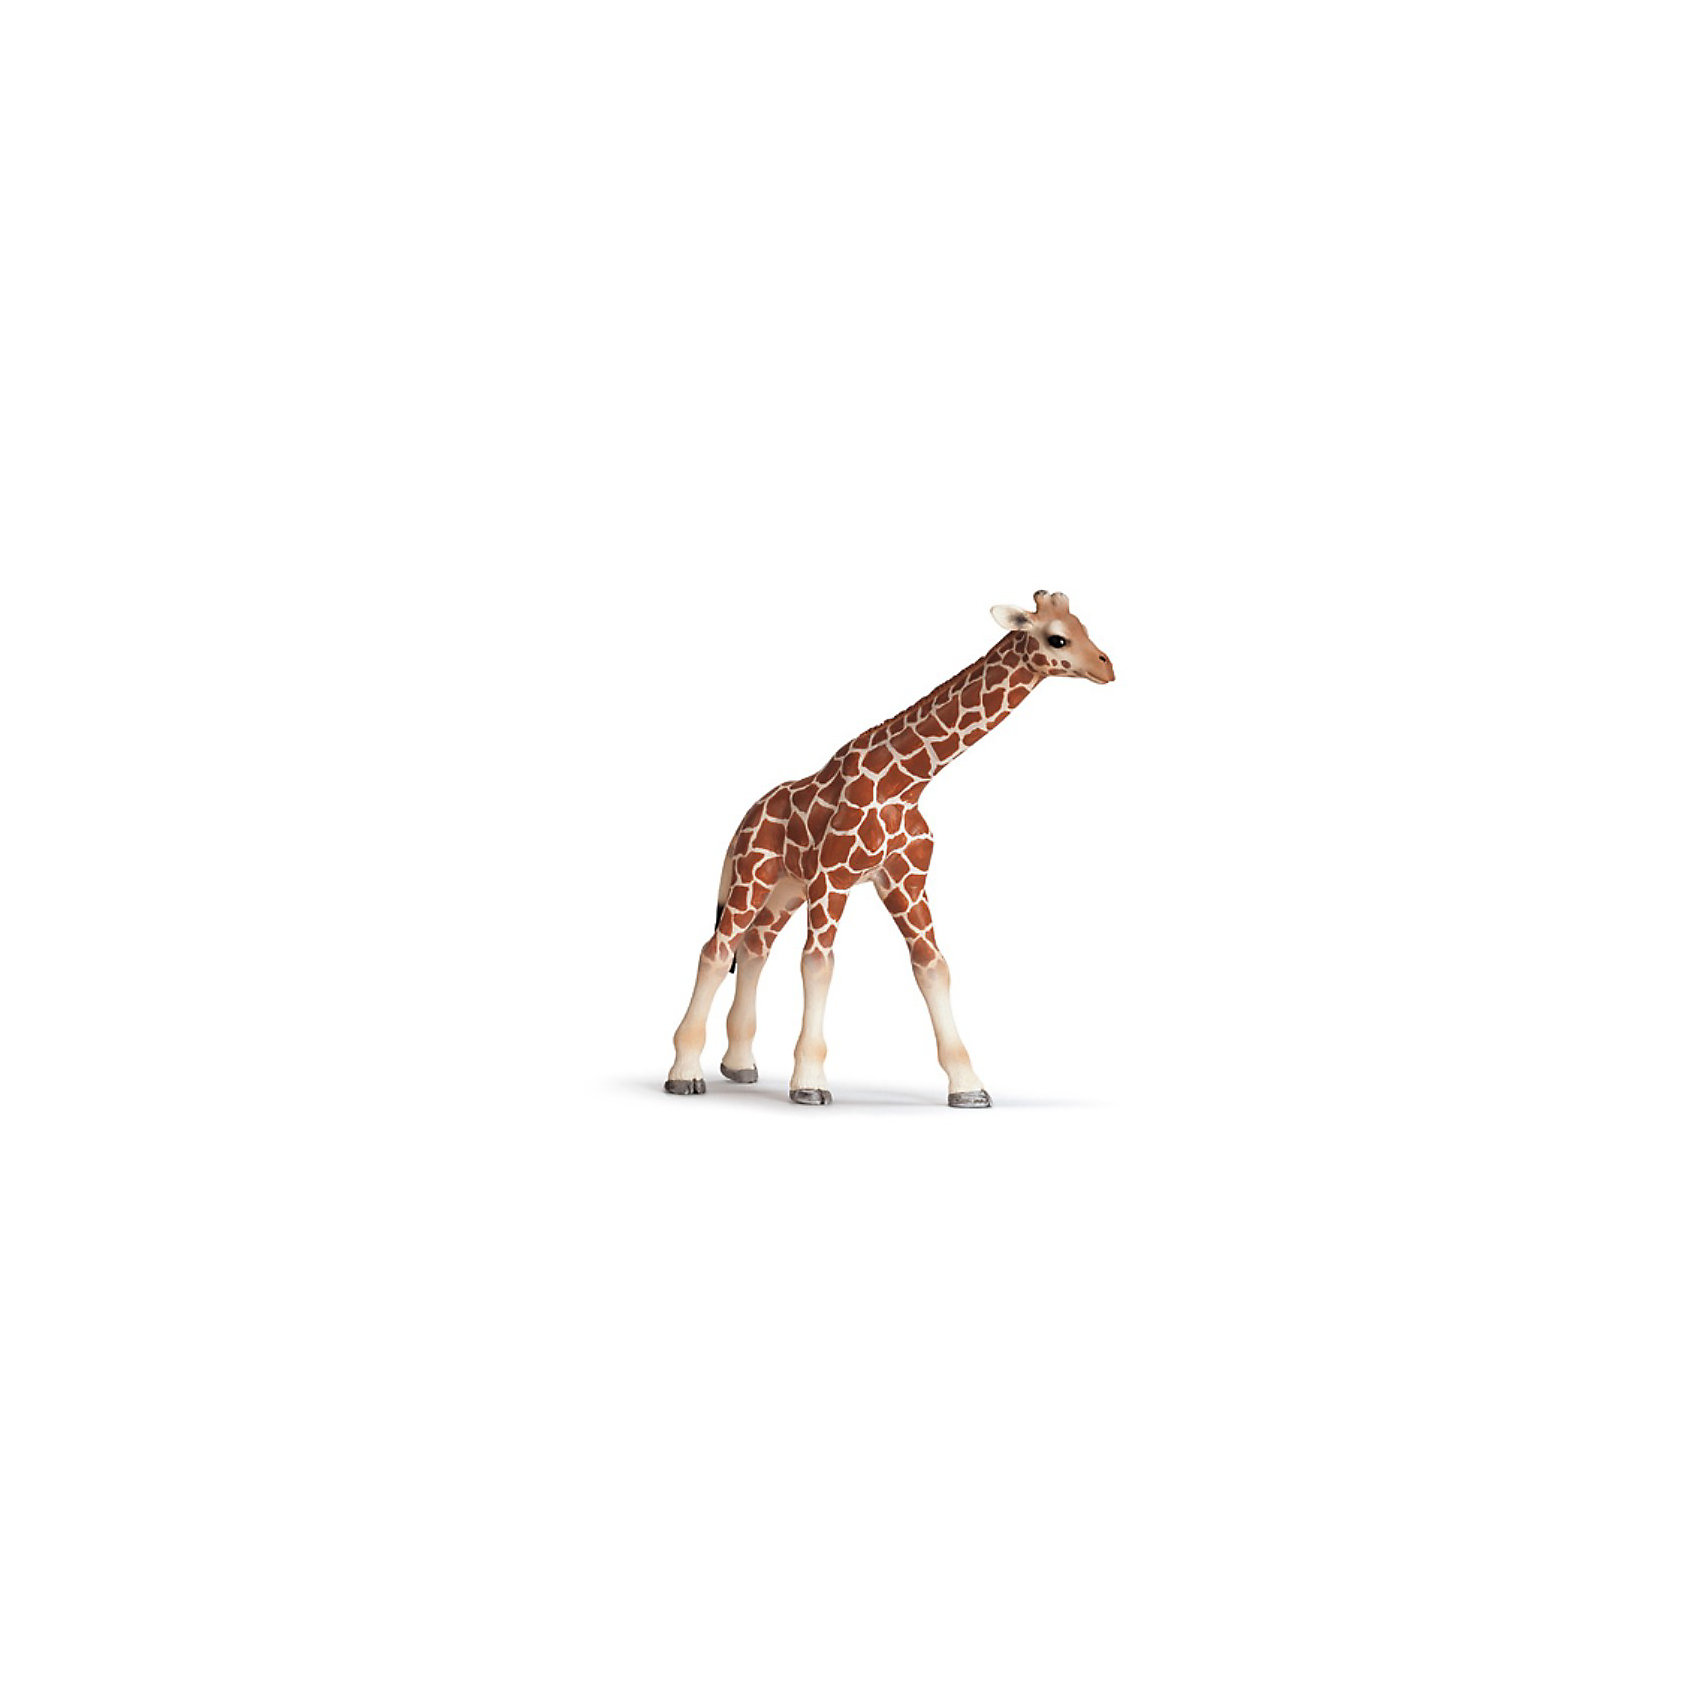 Schleich Schleich Детеныш жирафа. Серия Дикие животные schleich хаска schleich